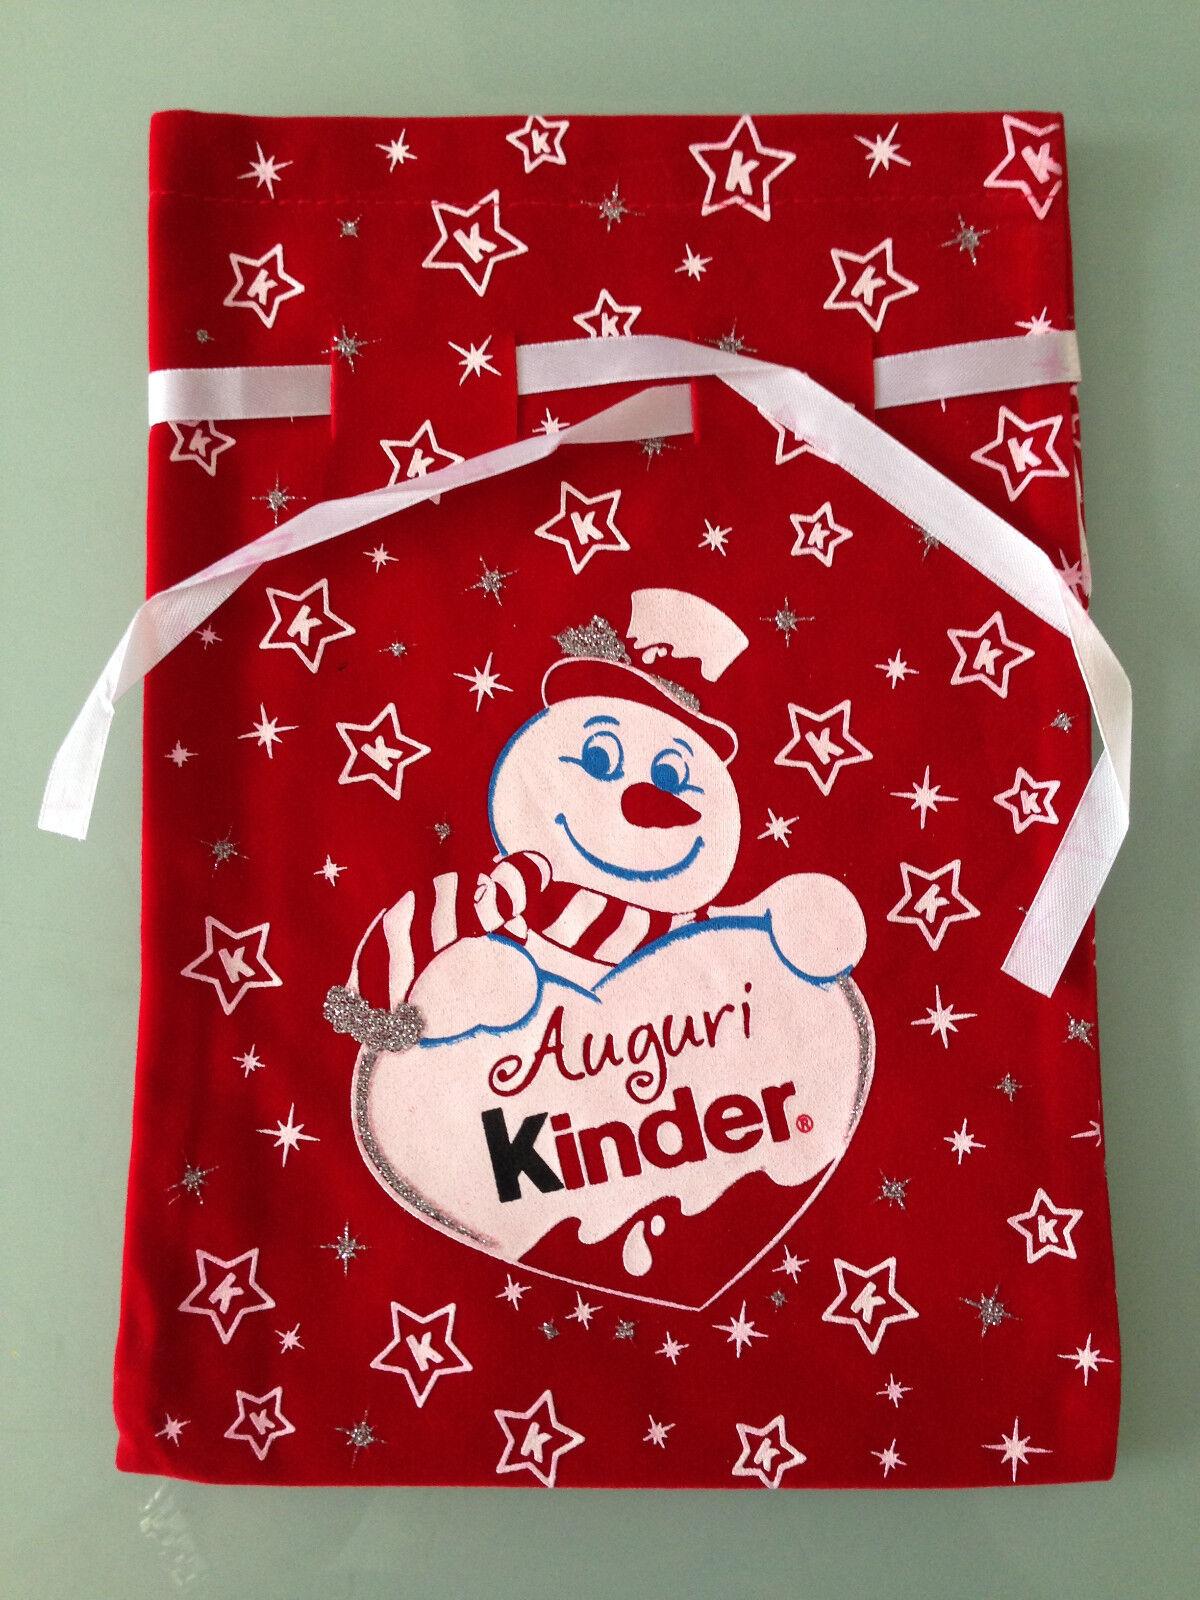 24 gefüllte Adventskalender Weihnachtssack Nikolaussack  Auguri Kinder Top Spar